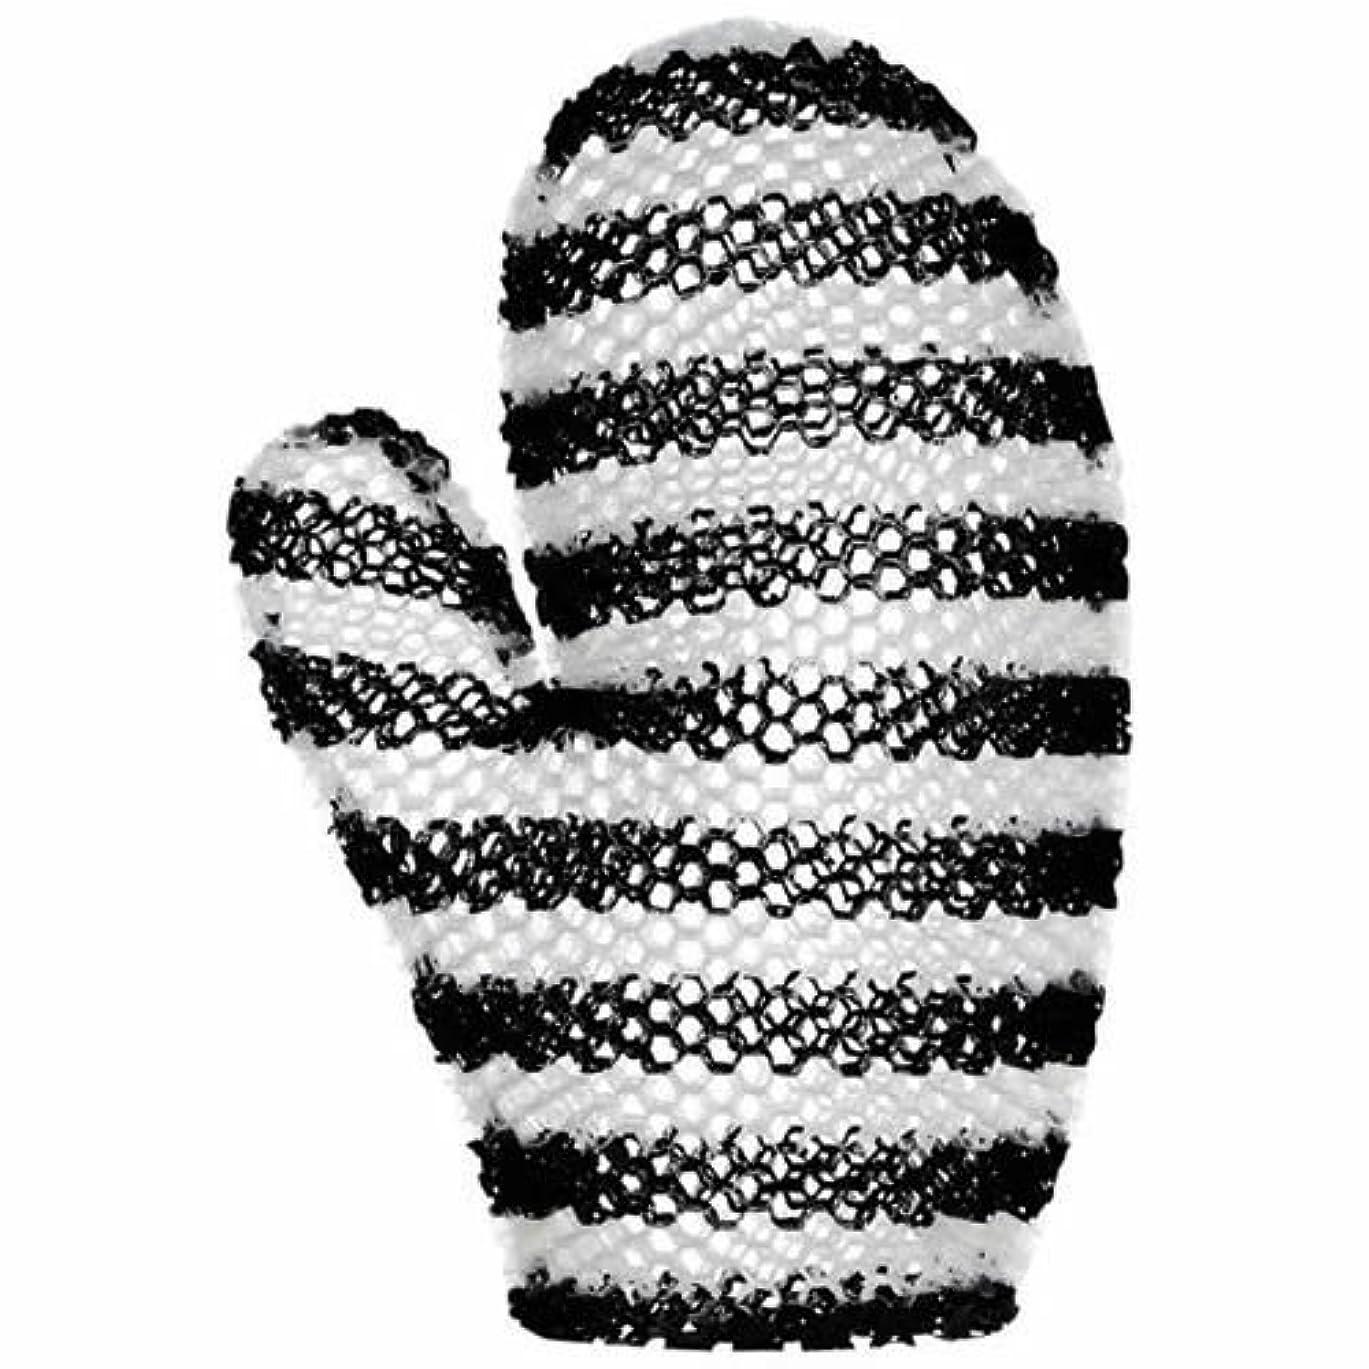 学校教育シーン手を差し伸べるスプラコール ハニカム(ミット) ブラック&ホワイト